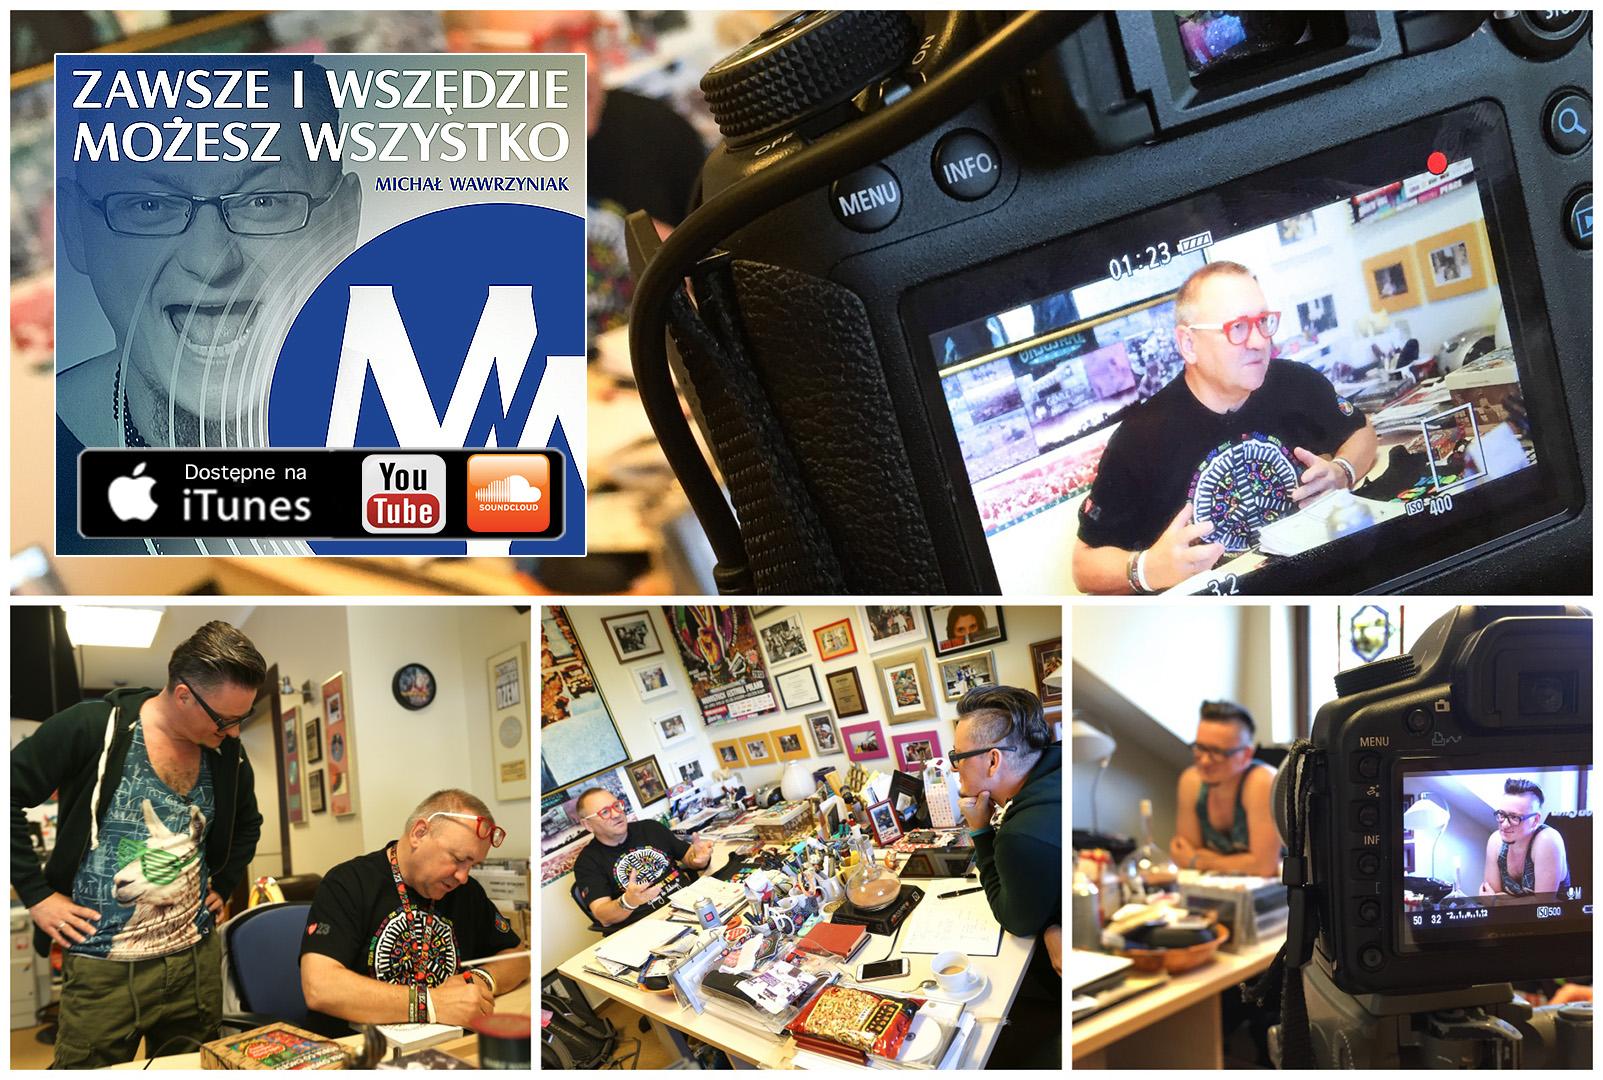 ZiWMW_kolaz_wywiady_Jerzy_Owsiak_kolaz